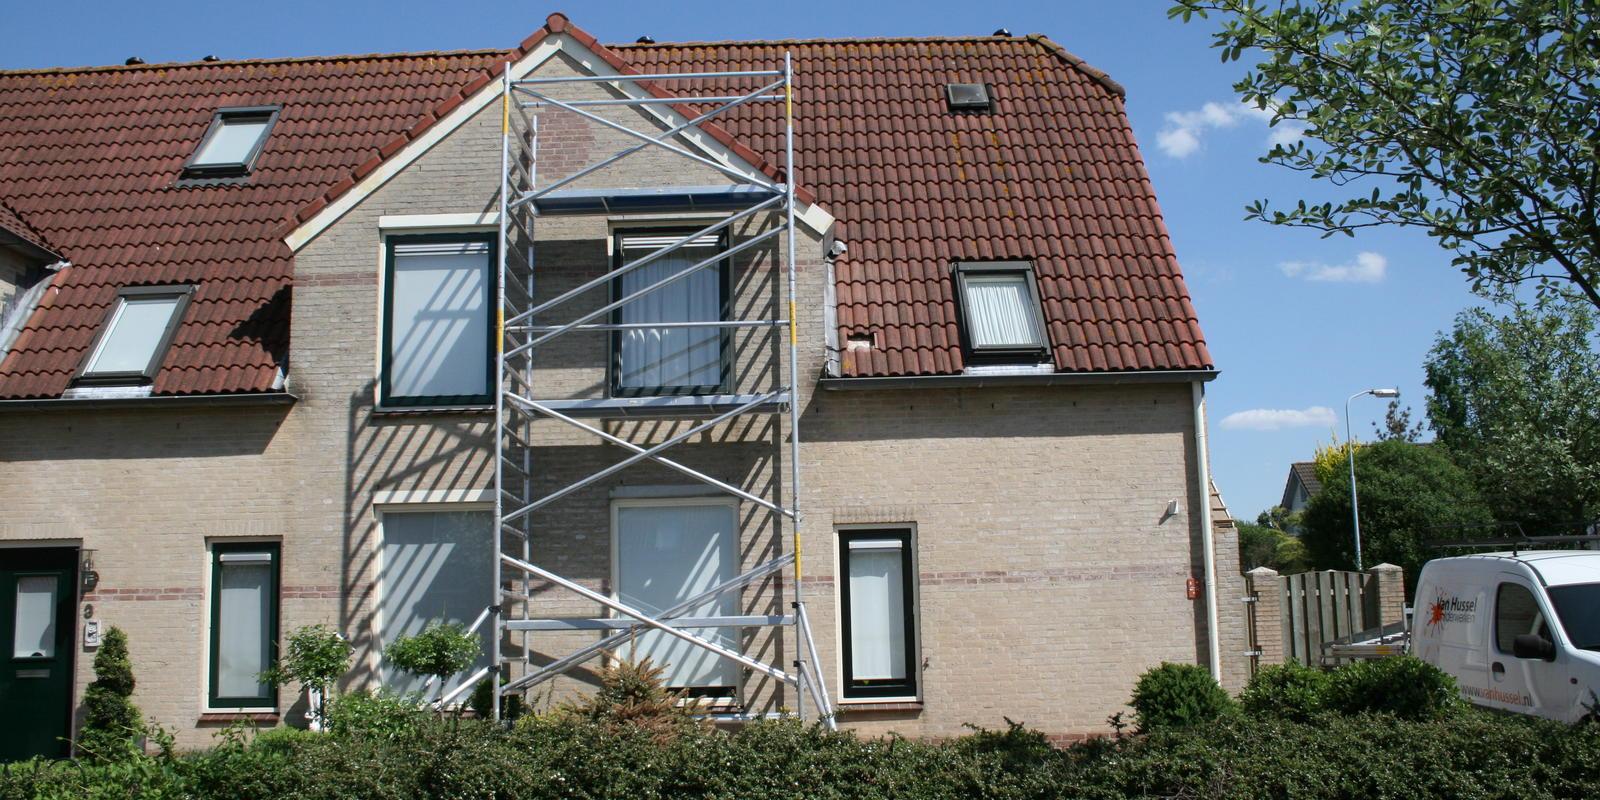 huis laten schilderen of zelf schilderen